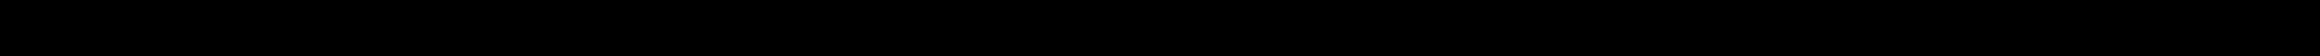 DENSO 90048-51162, NDVK22, NDVK22A, V10, 98079-5714E świeca zapłonowa